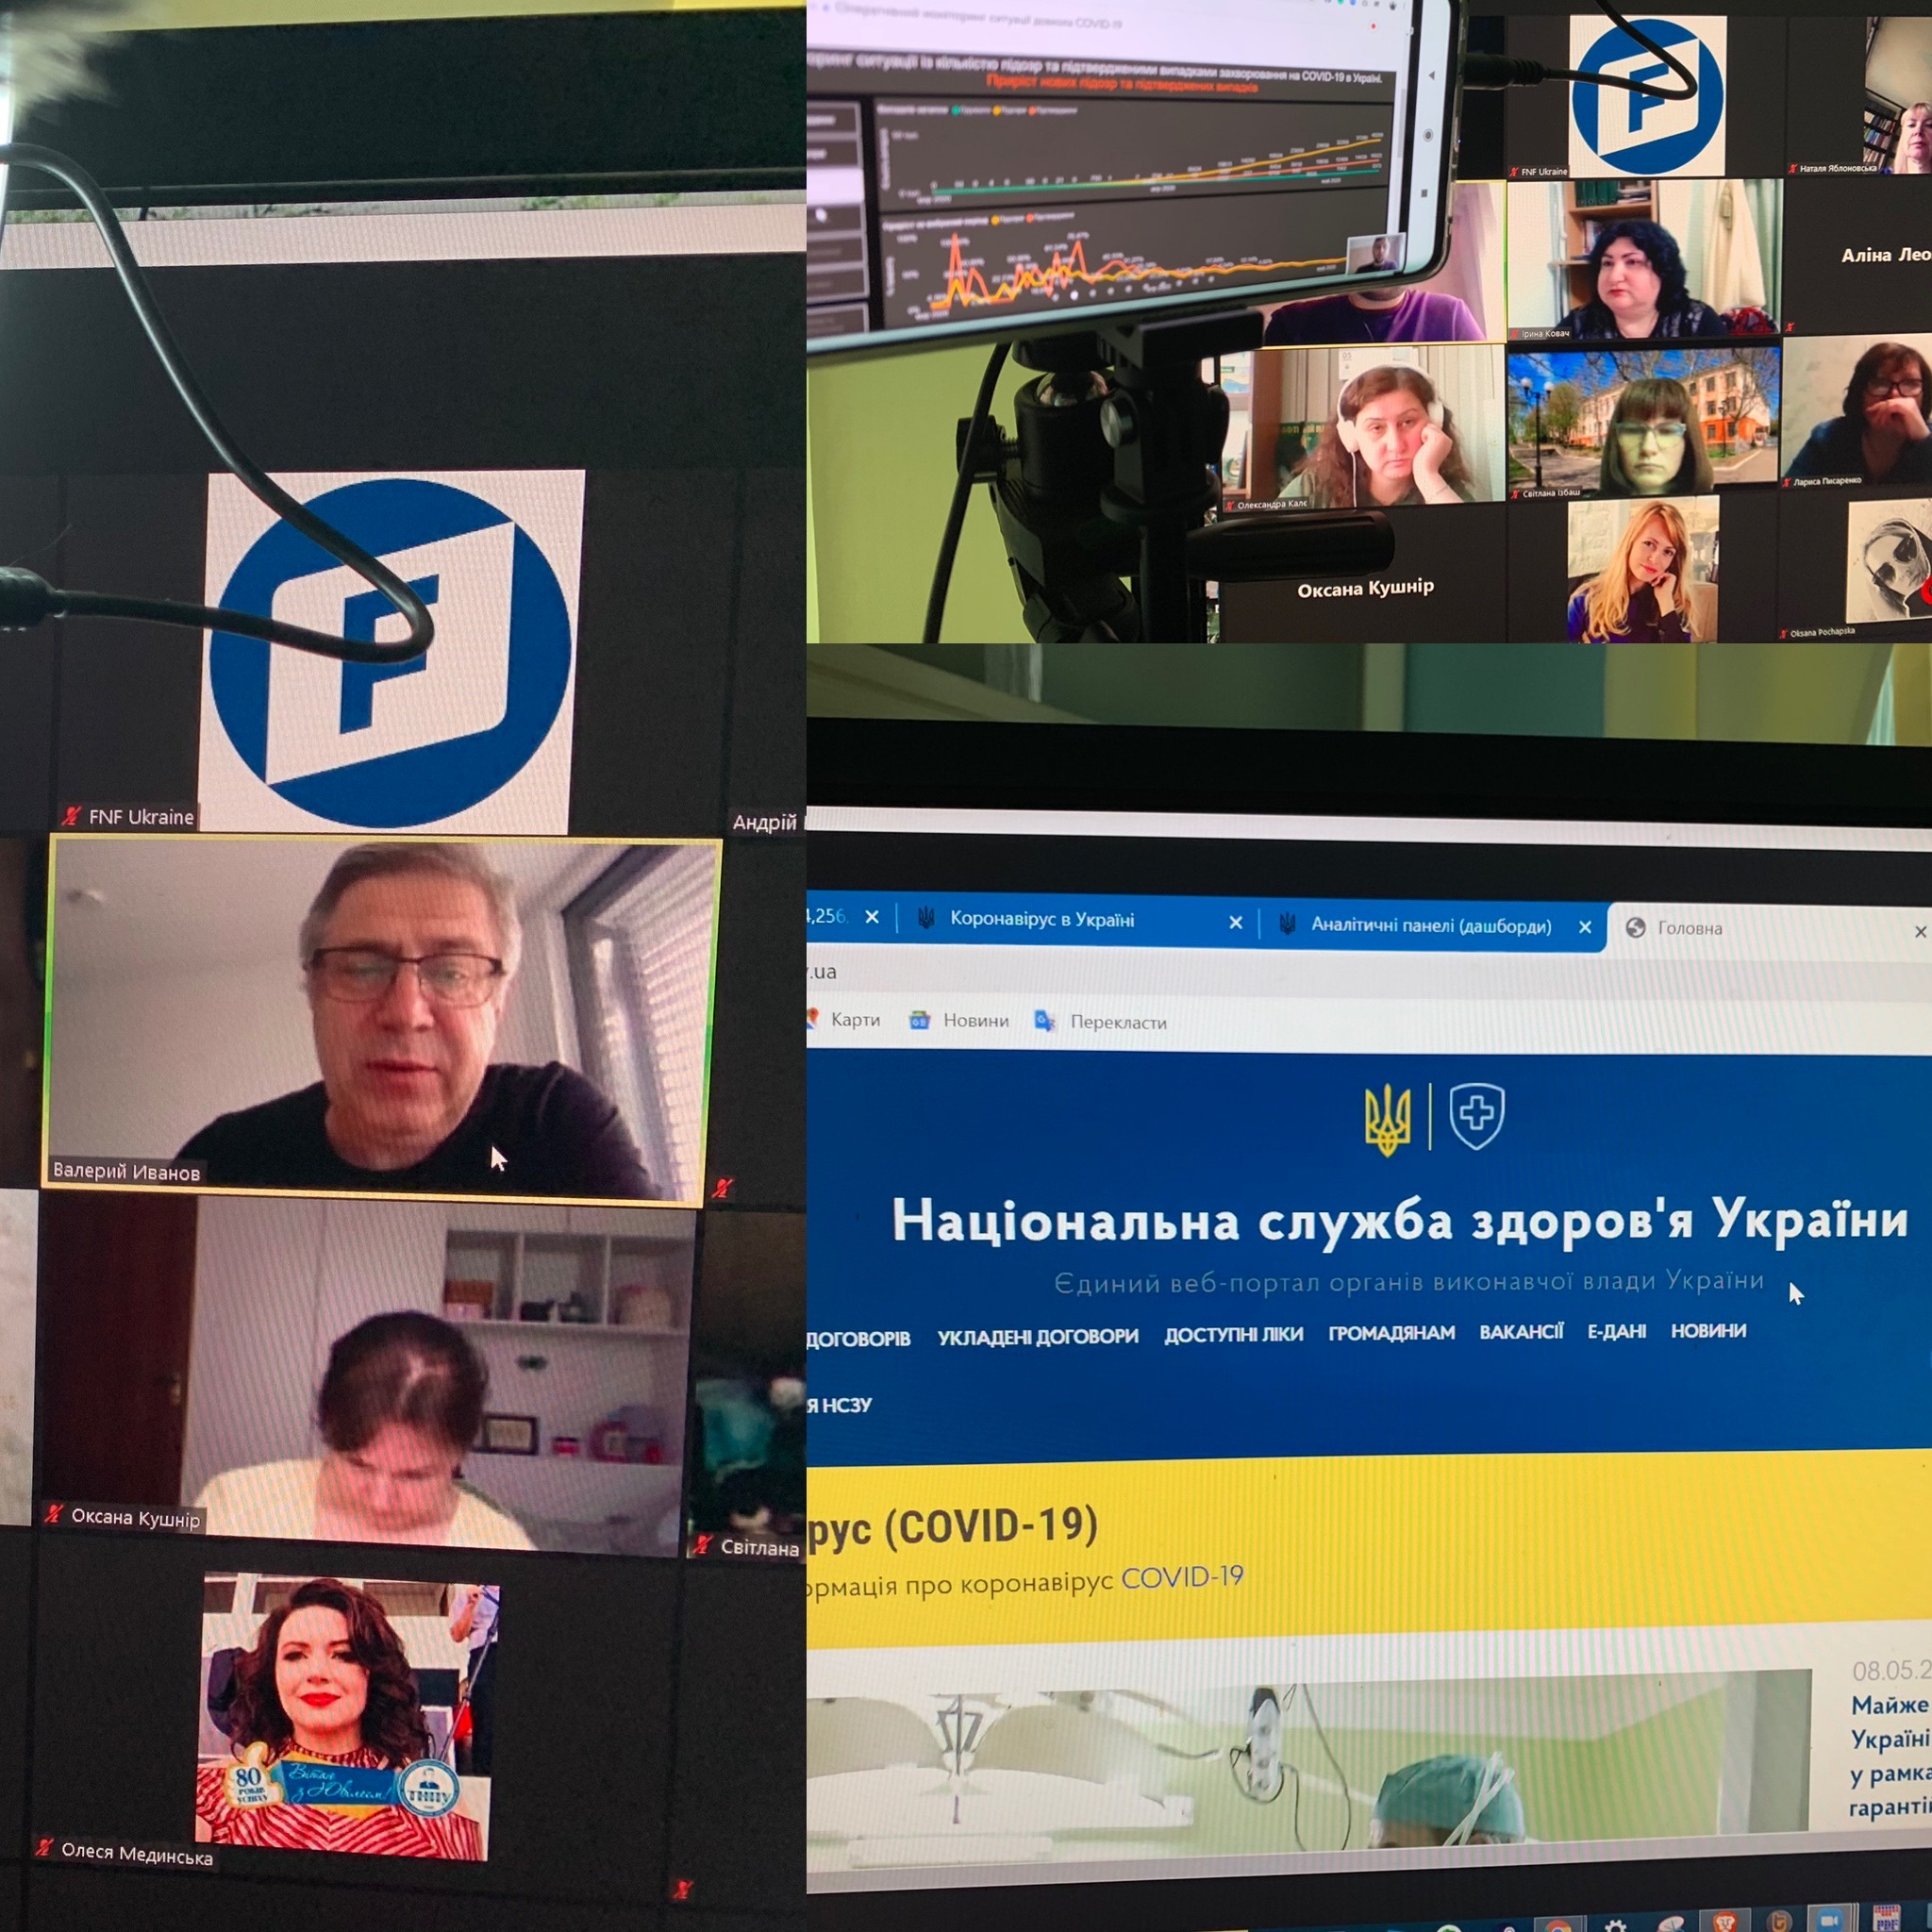 Перевіряй перед репостом – вебінар «Стандарти журналістики в умовах пандемії та кризи» 11-12 травня